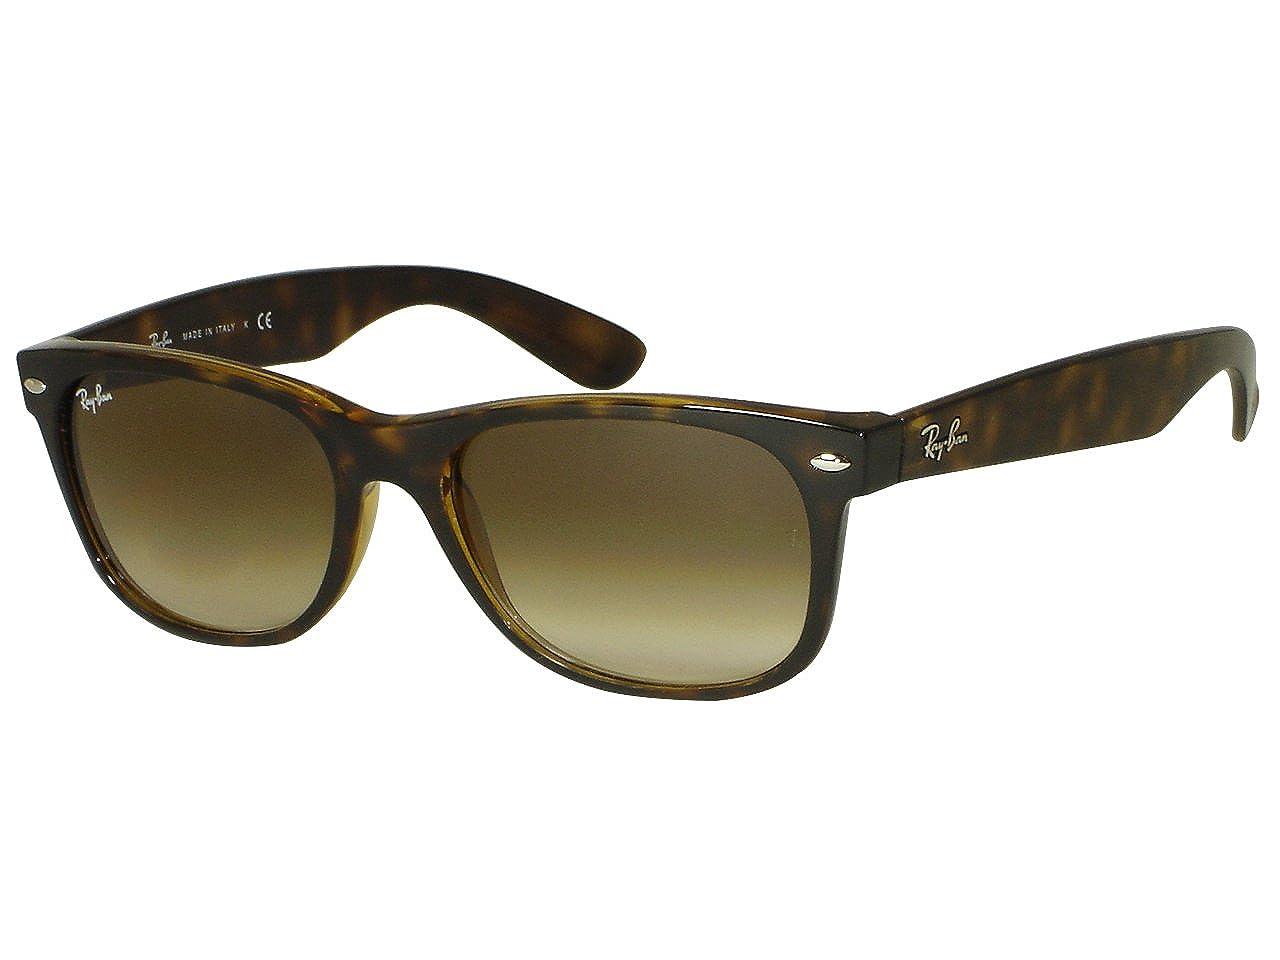 0432afdbe6 Ray Ban RB2132 New Wayfarer 710 51 Havana Sunglasses 55mm  Amazon.co.uk   Clothing